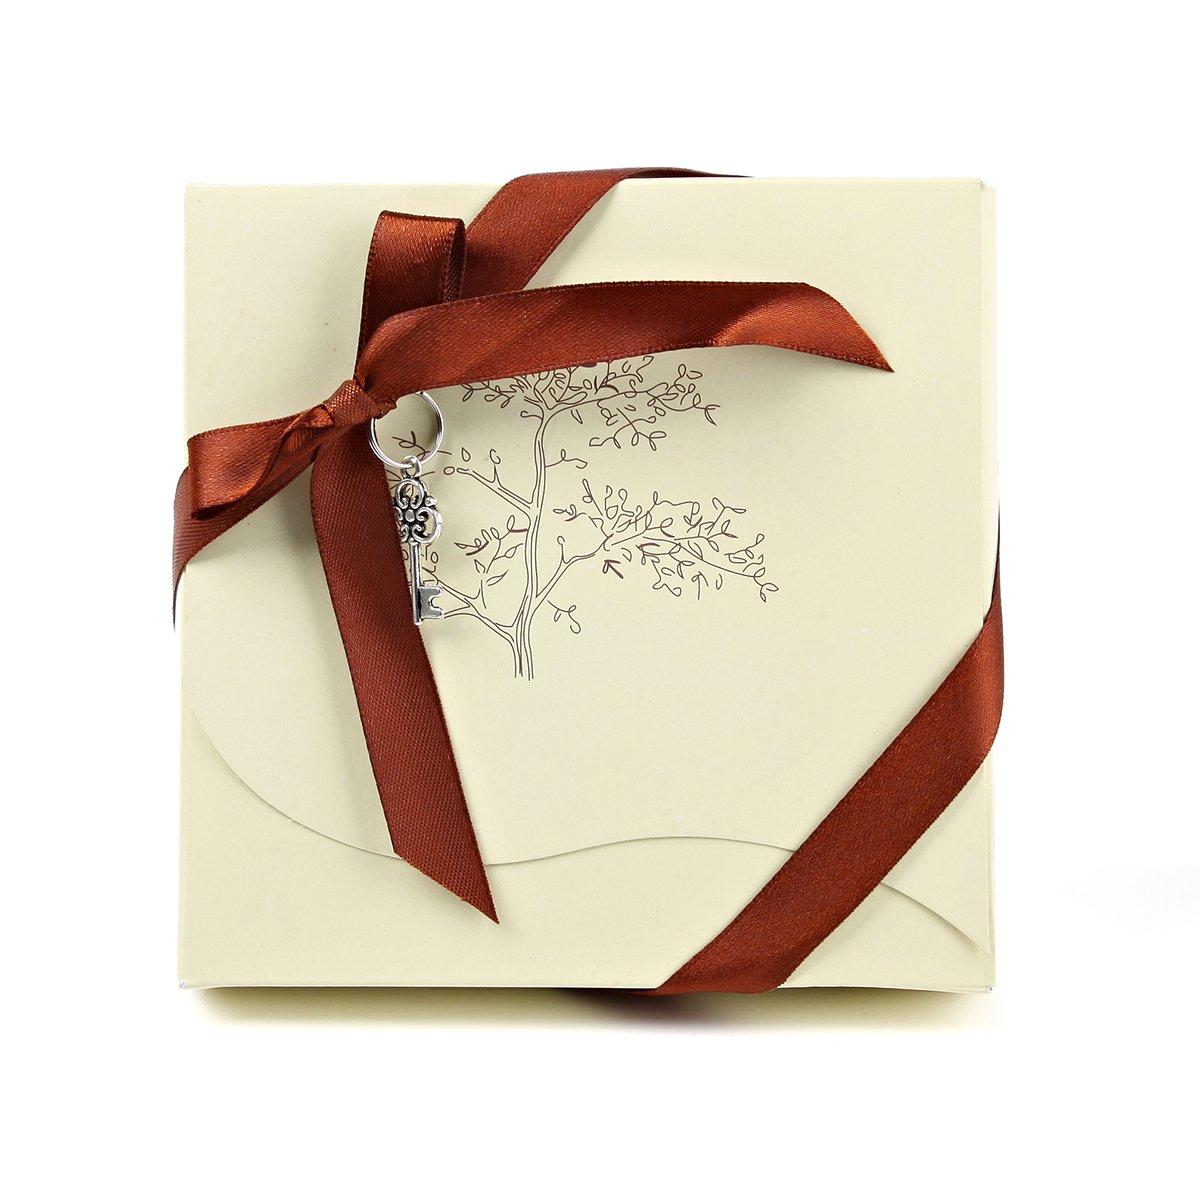 las parejas de la novedad en caja de regalo de boda par abridor de botella recuerdo boda Rectangular oneplace Regalos Exclusivos Paquete de 10/unidades abrebotellas con im/án para nevera